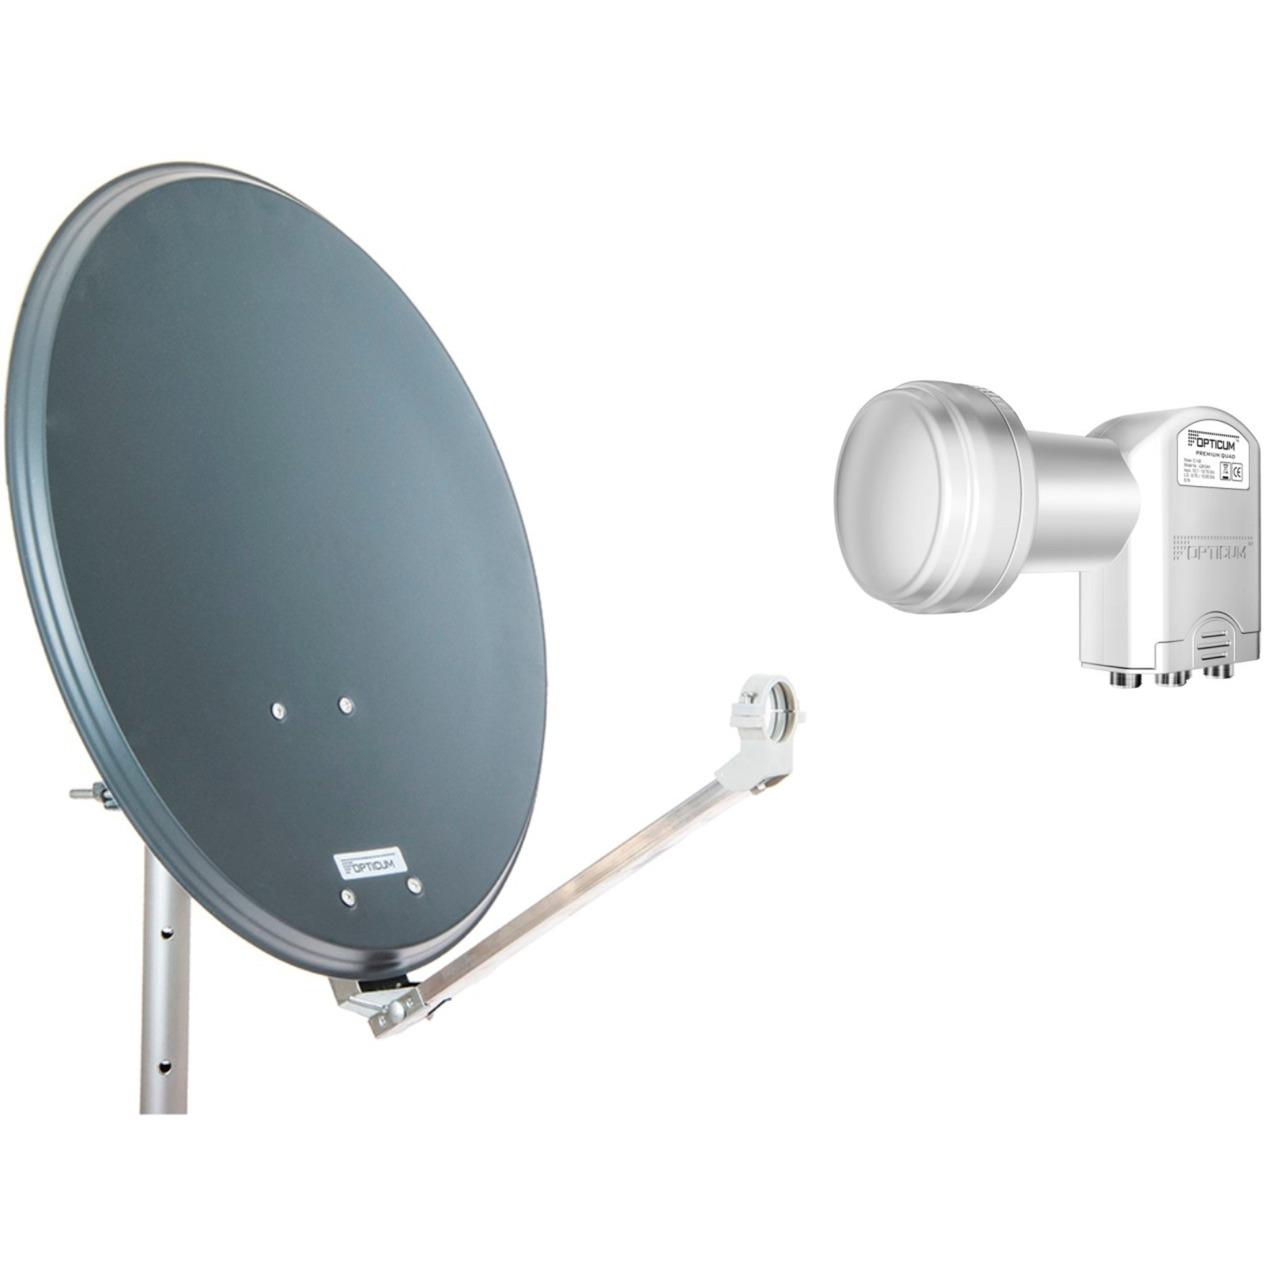 9130, Antena parabólica